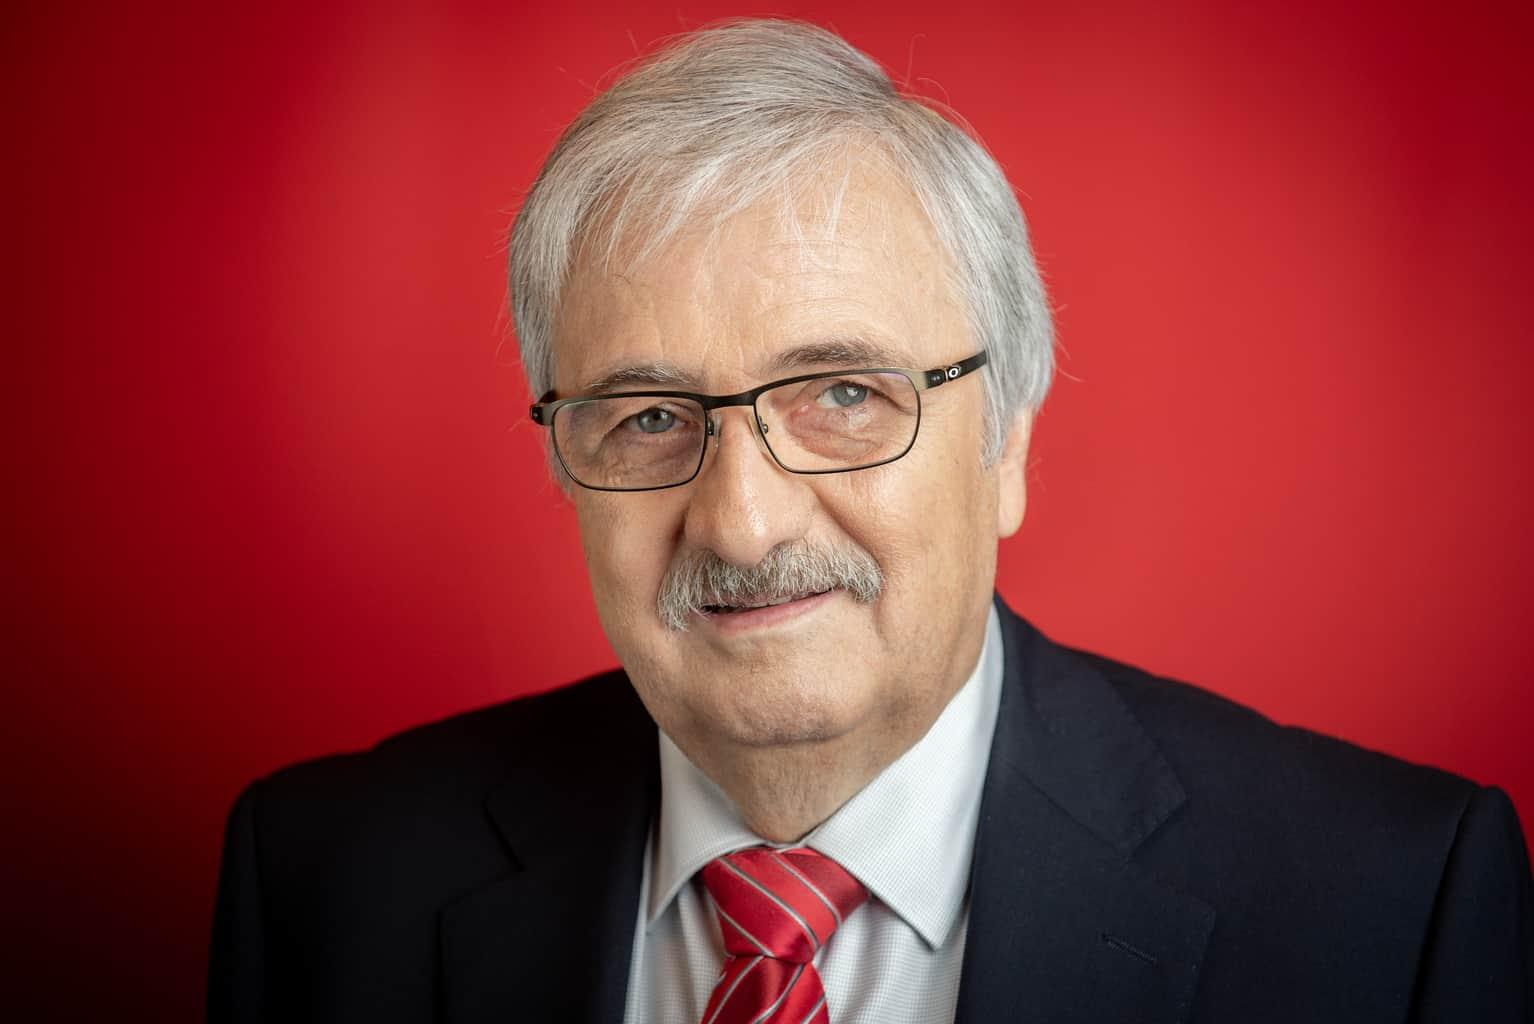 Herbert Eickmanns